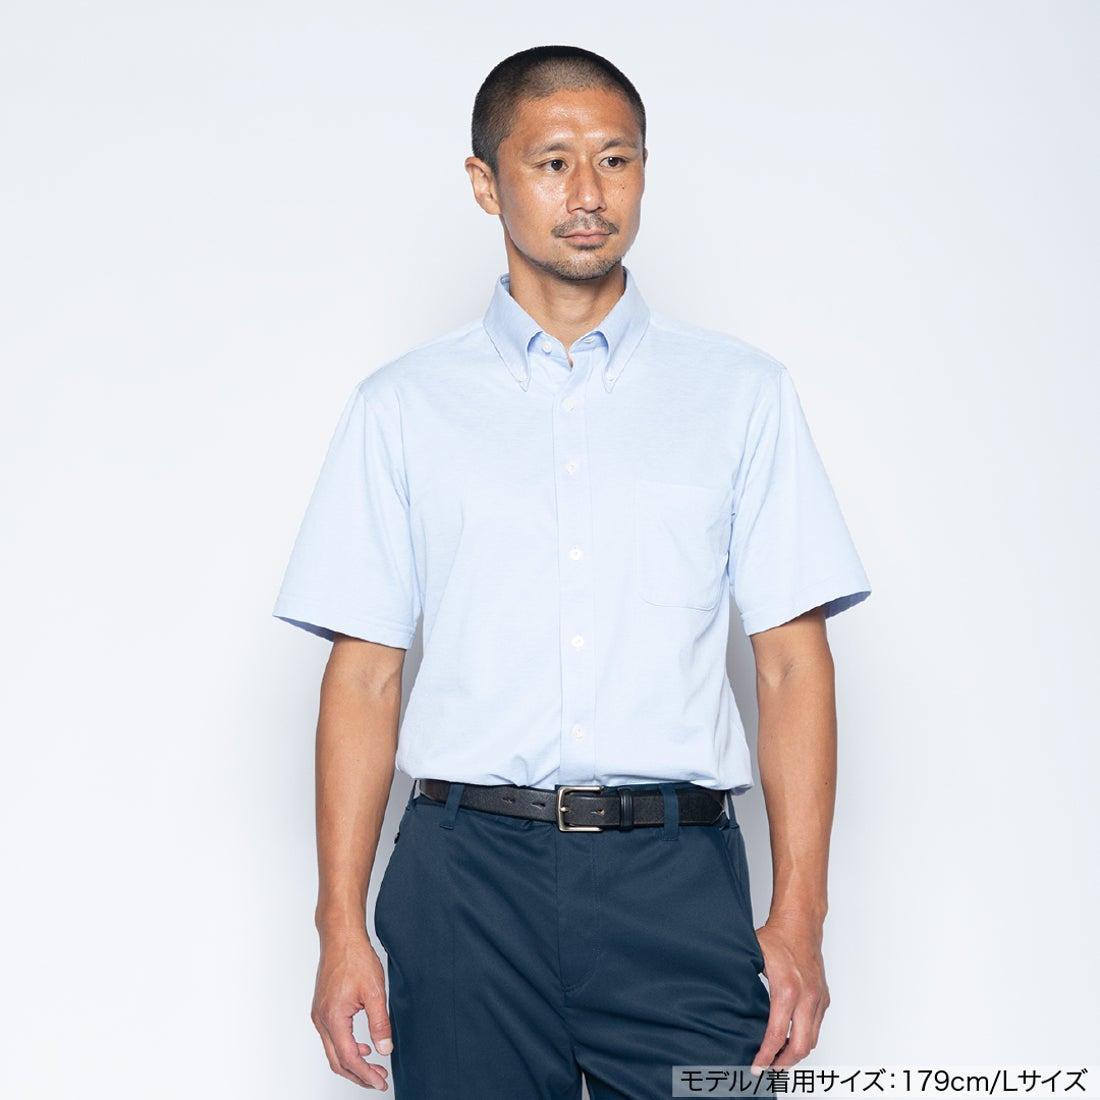 究極のボタンダウンシャツ(サックスブルー)